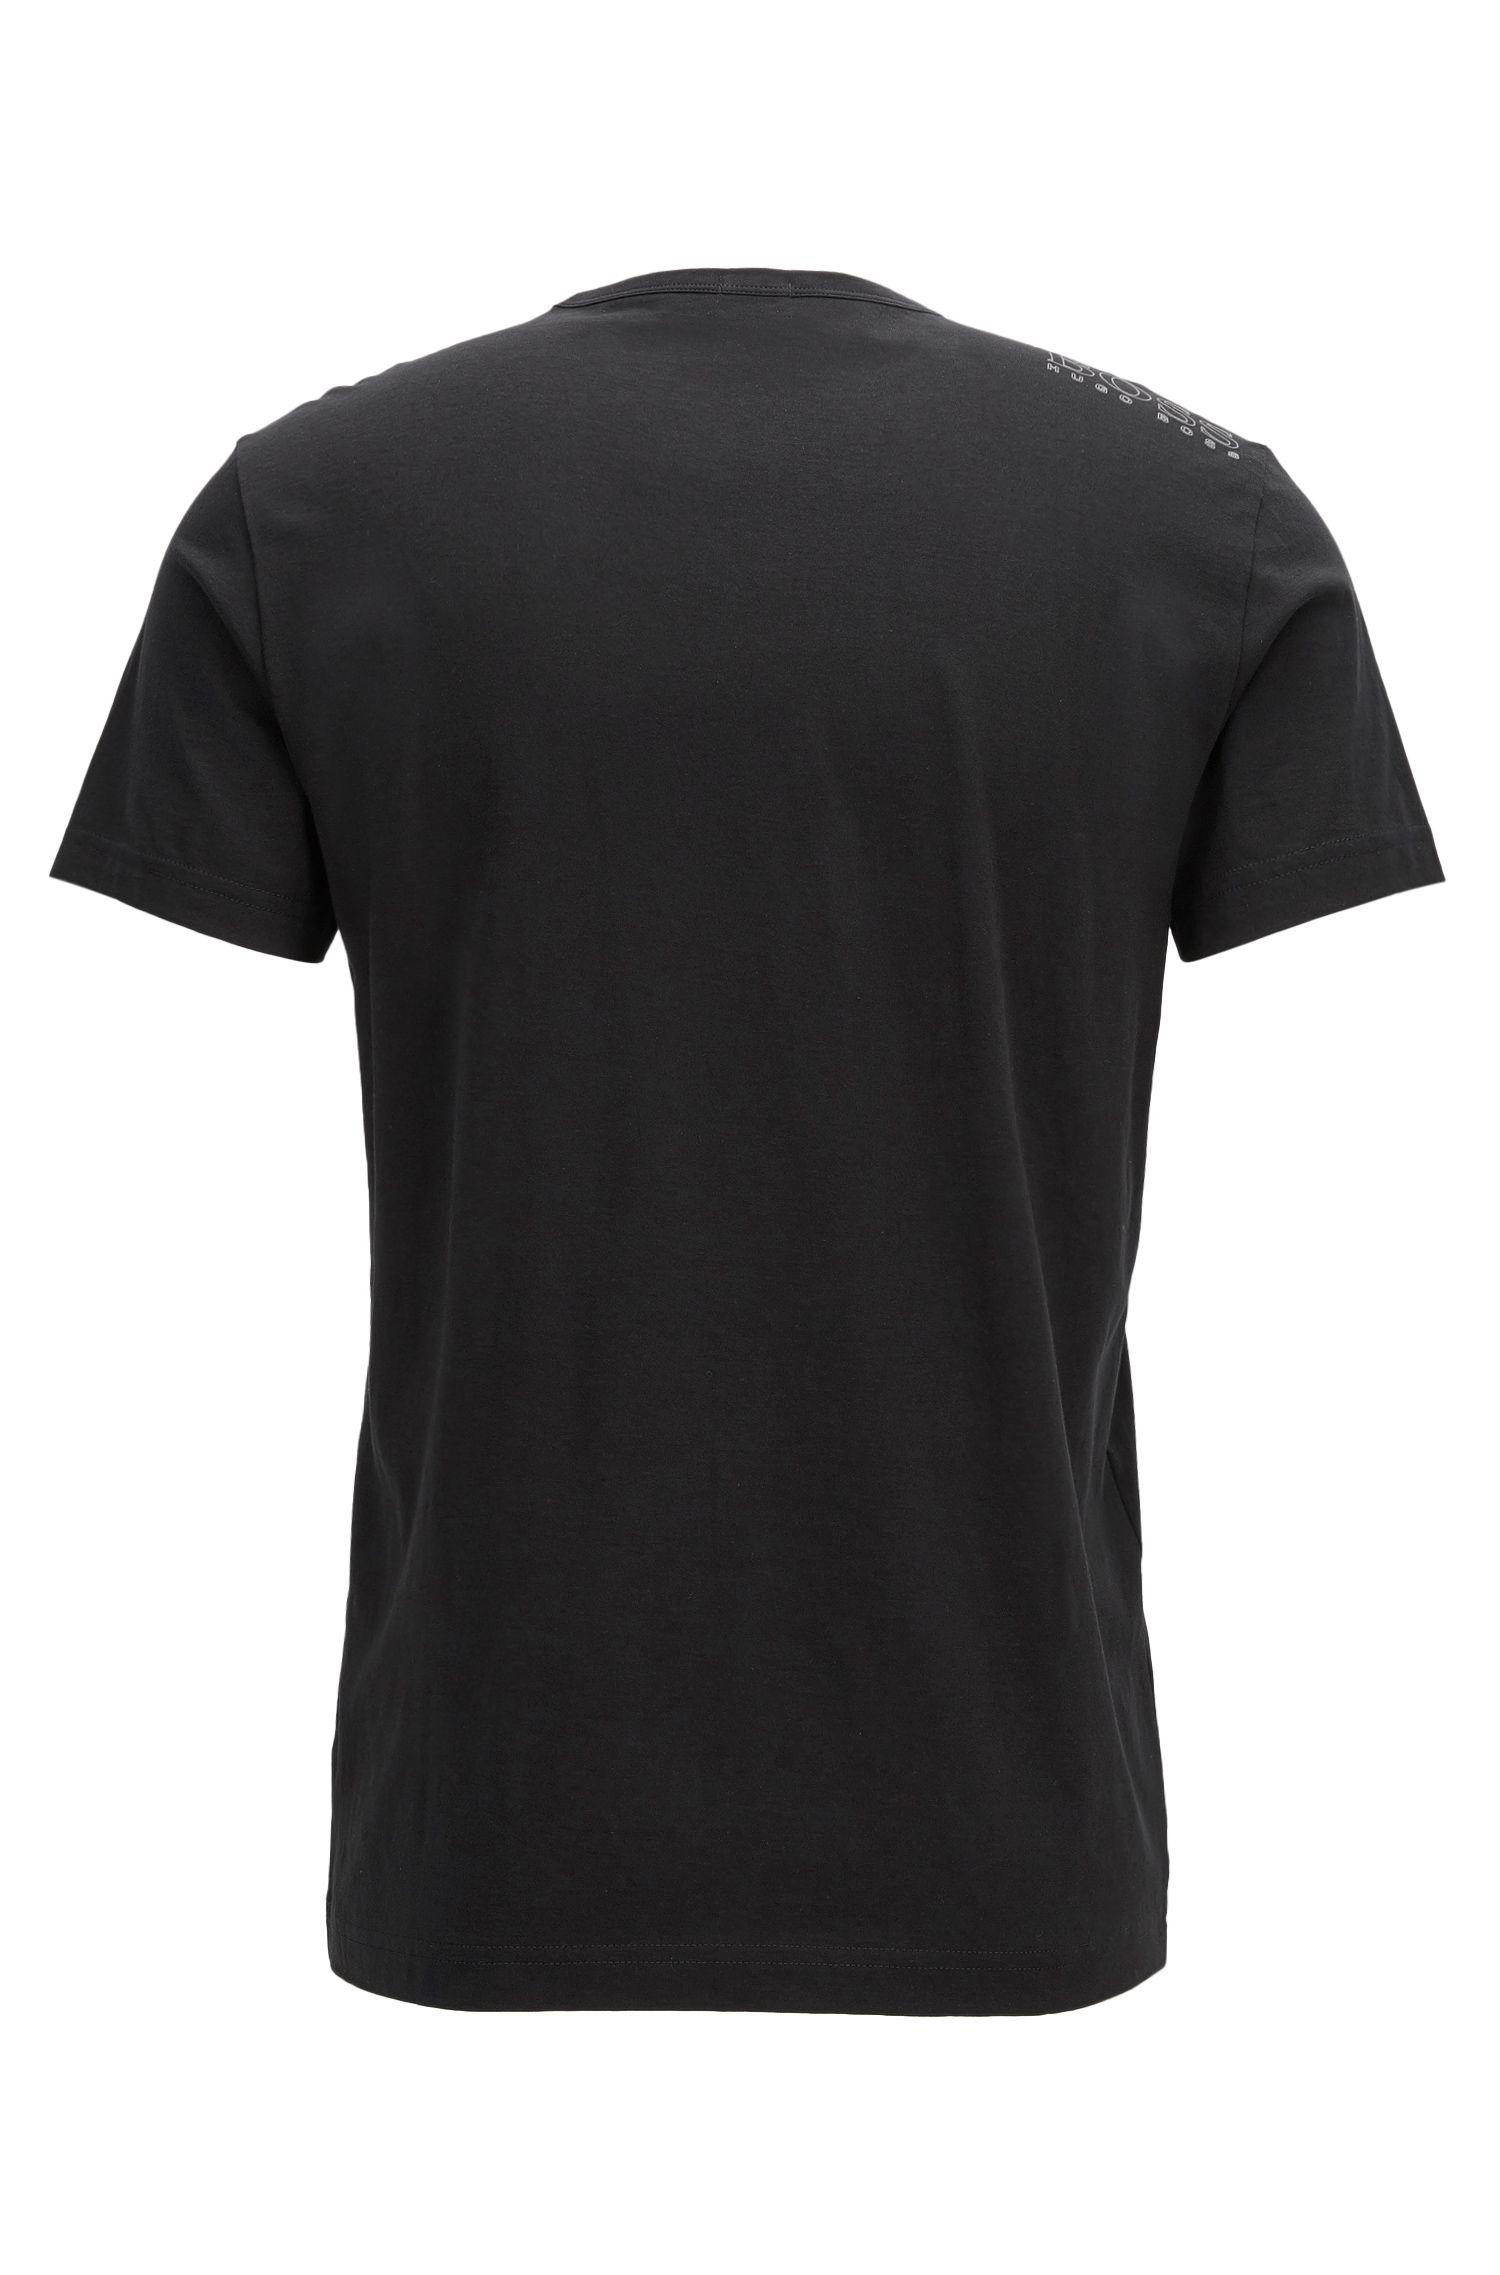 T-shirt 'Tee' met ronde hals